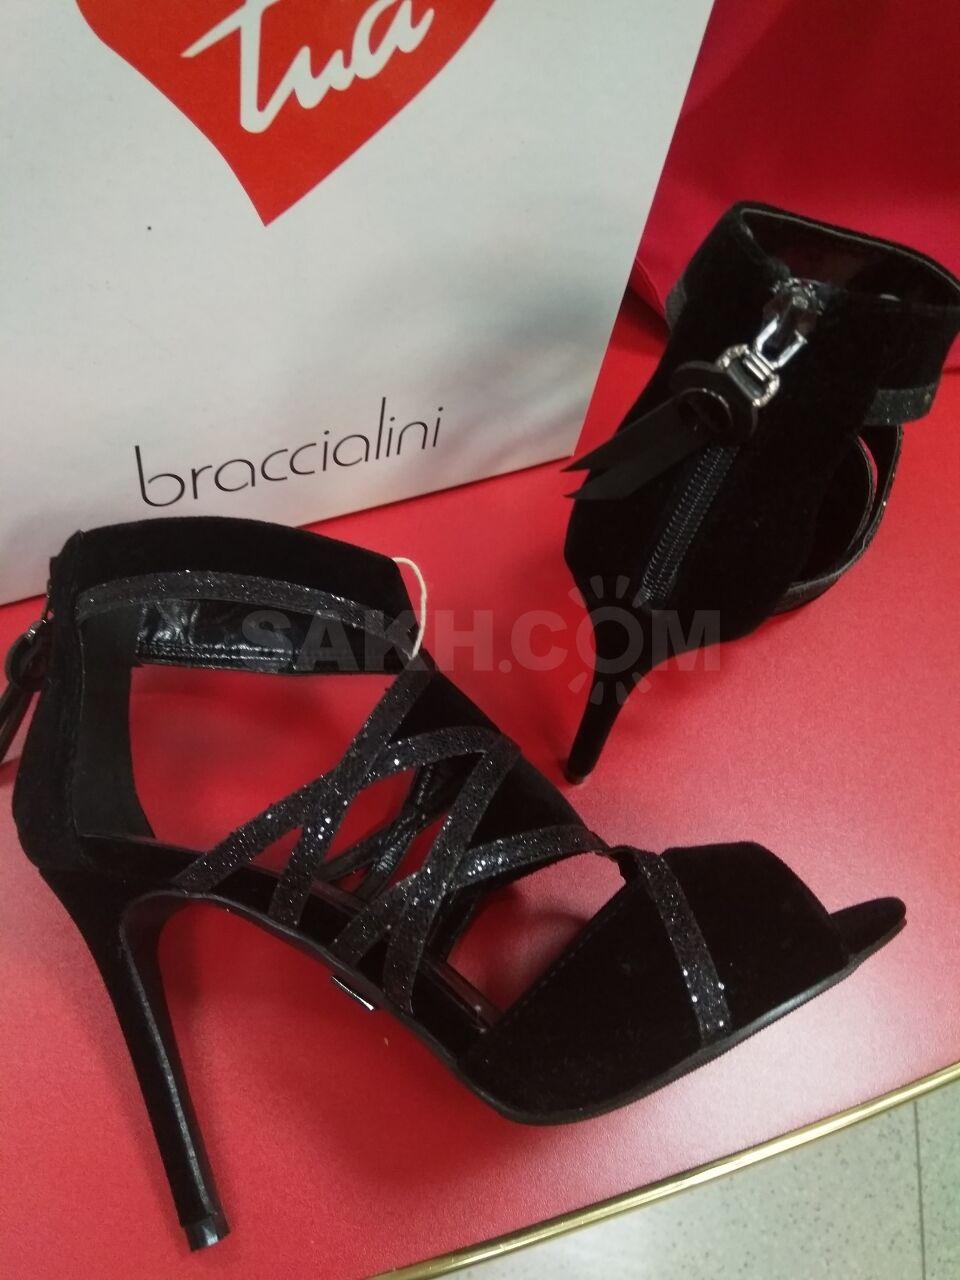 96cd80d64261 Если вы собираетесь на важную встречу, свидание или романтическое  рандеву-эта обувь отличный вариант для того,чтобы принести вам удачу в  достижении ваших ...